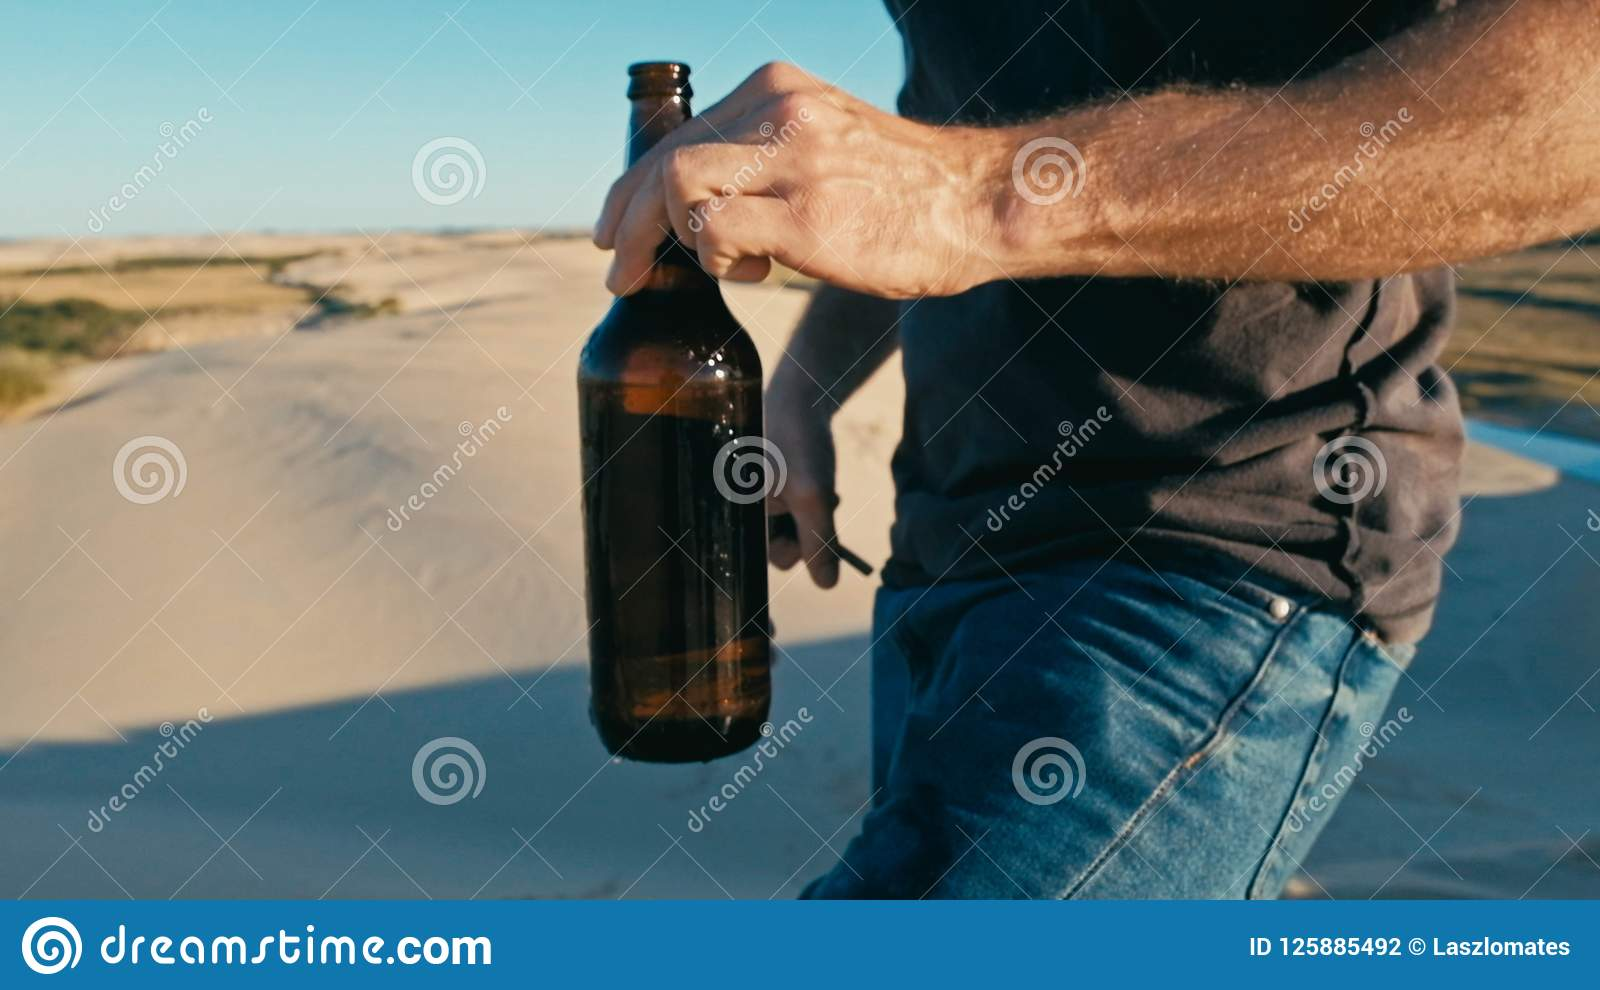 Hombre joven que abre una botella de cerveza al aire libre en las dunas de arena del desierto